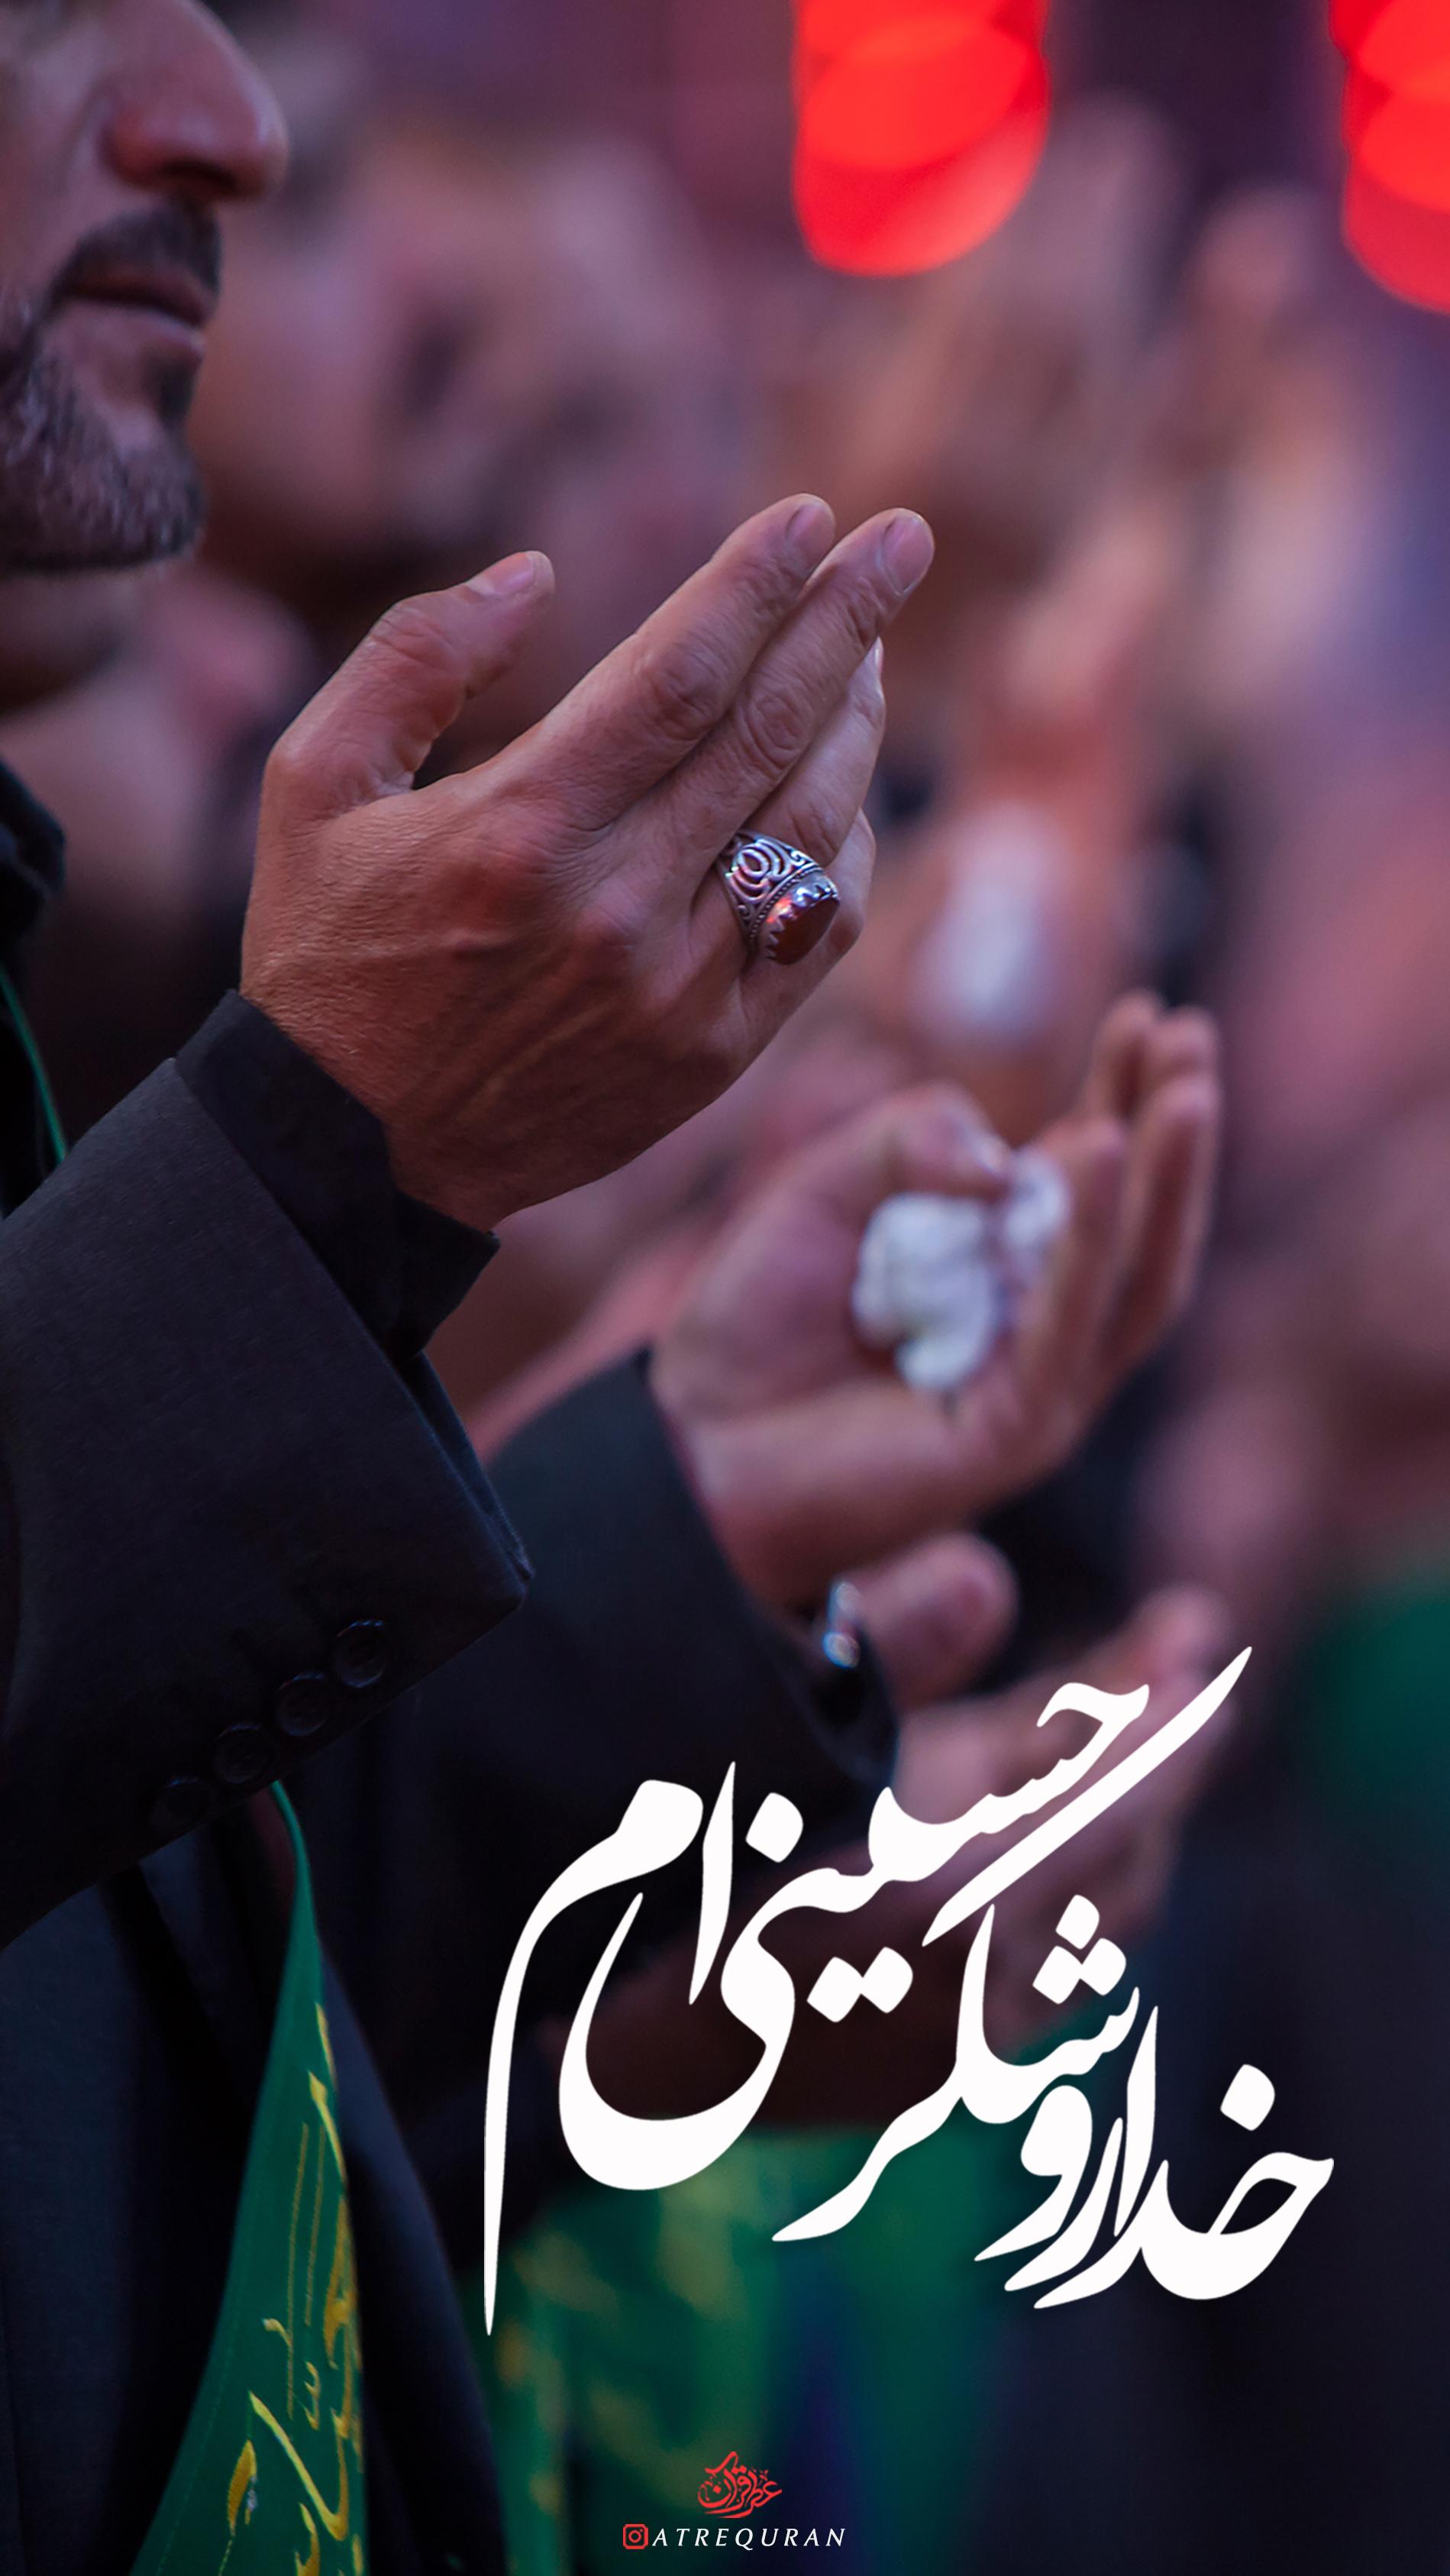 خدارو شکر حسینی ام